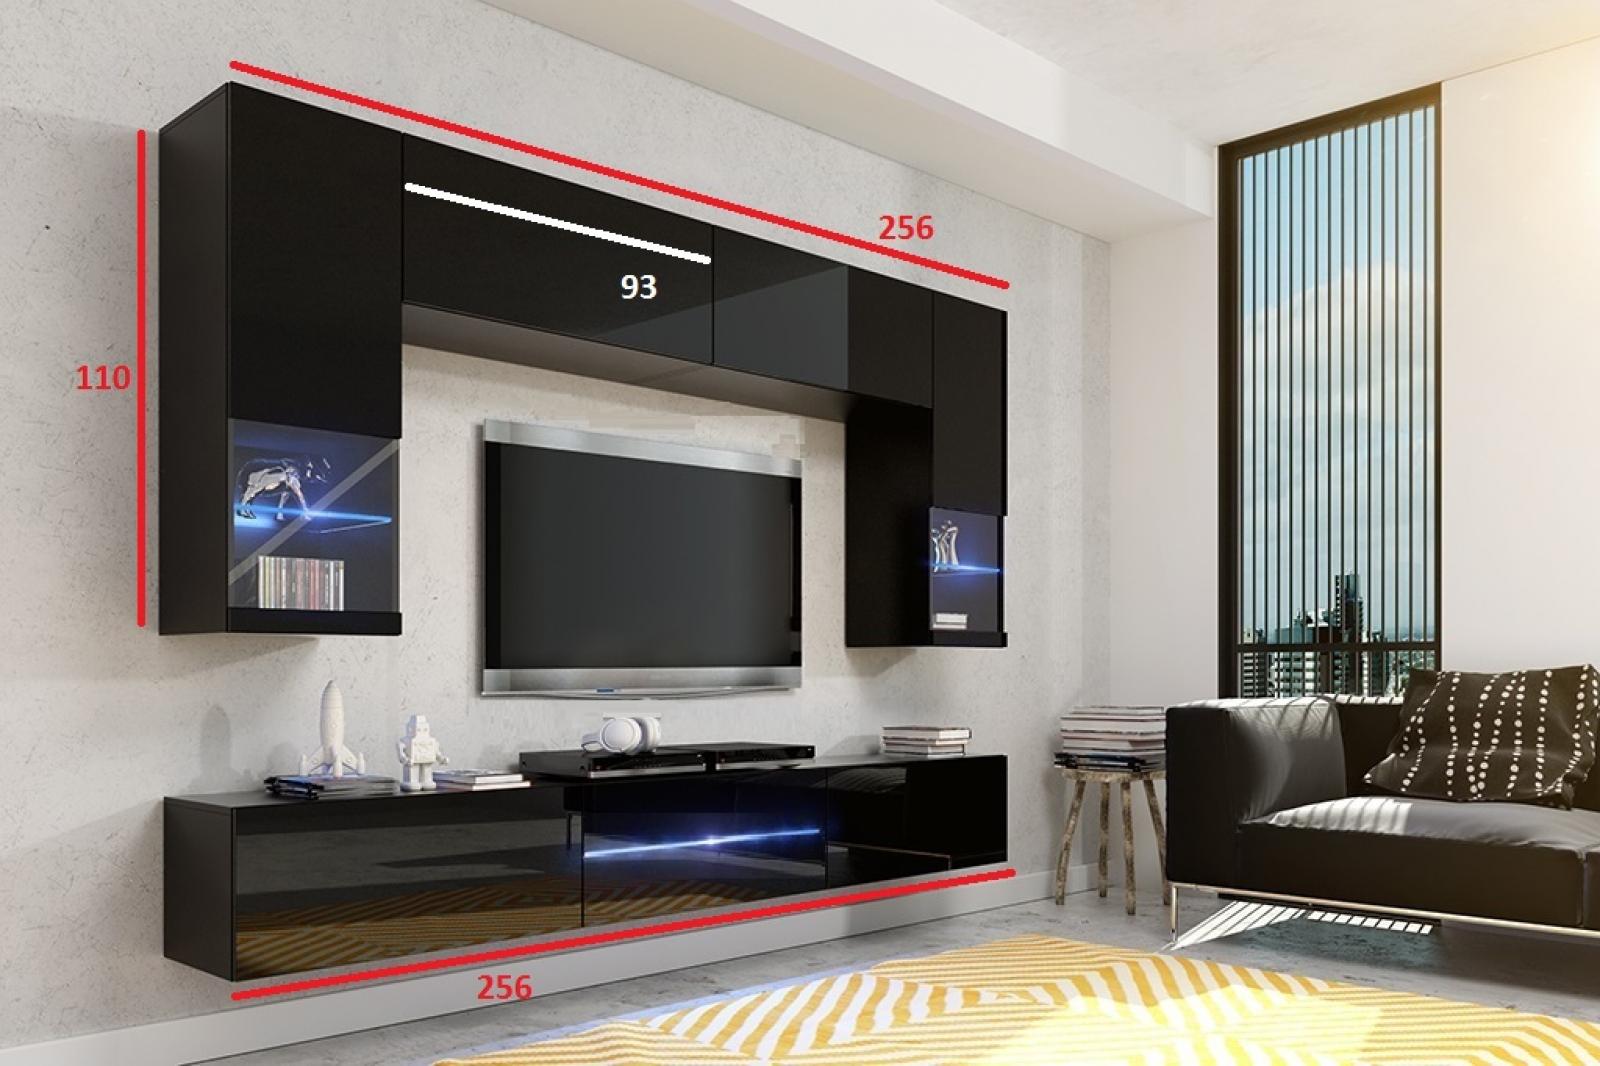 Kaufexpert wohnwand milano schwarz hochglanz 256 cm for Wohnwand modern hochglanz